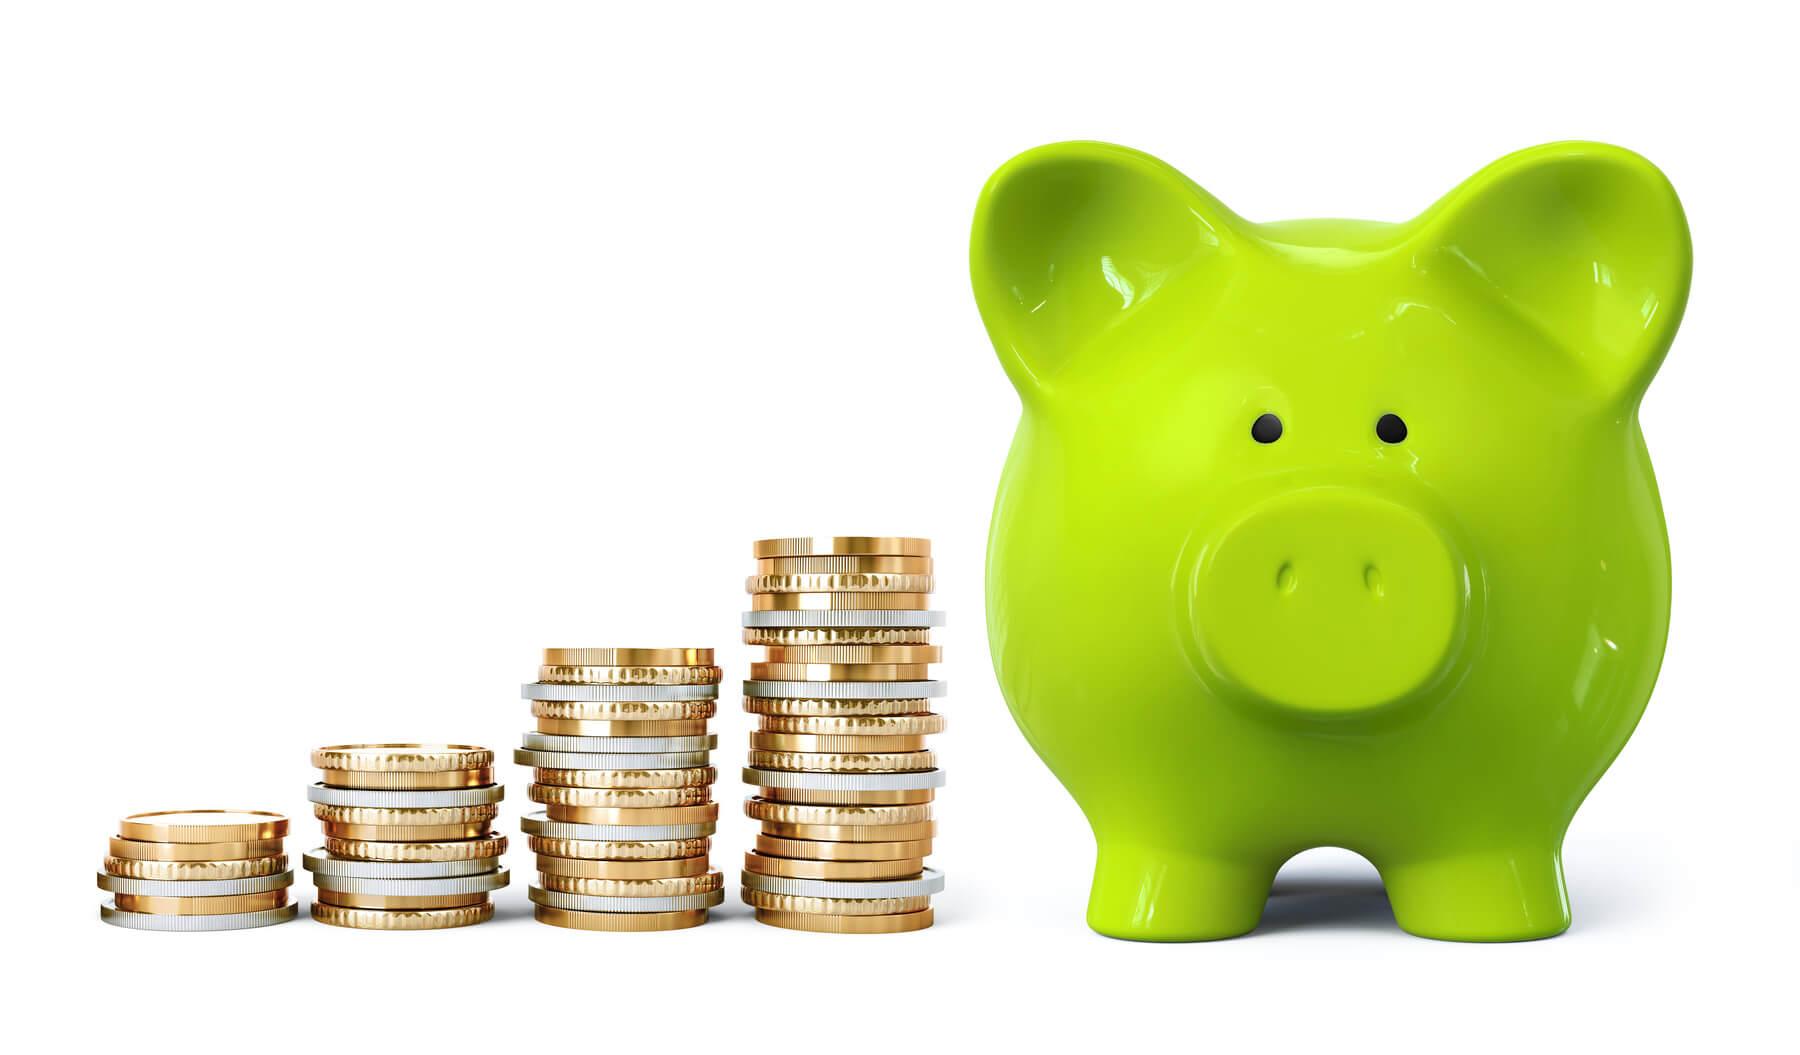 Geld sparen bei der Wohnmobilversicherung - Ducatoschrauber